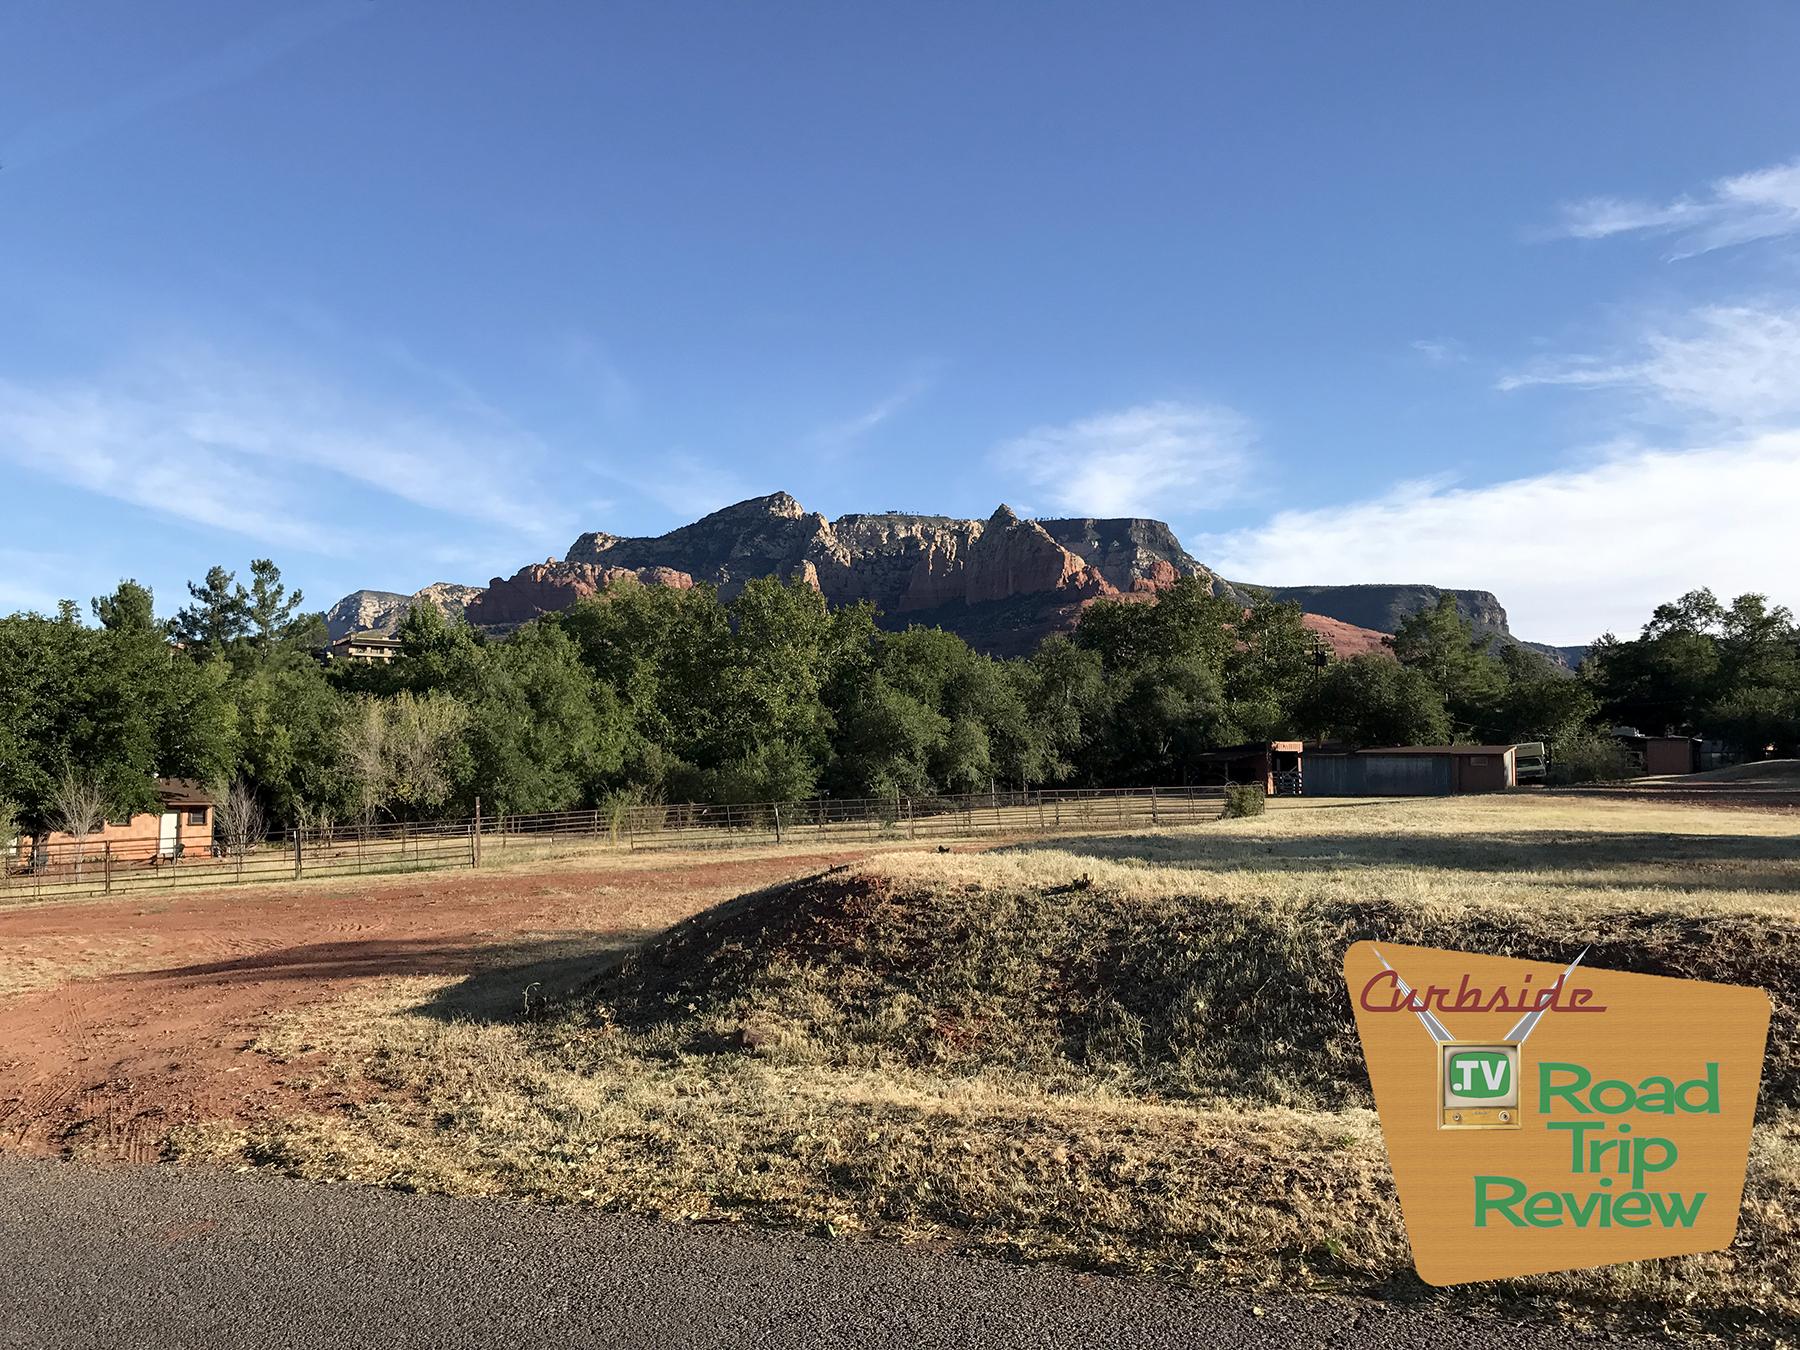 Natural beauty in Sedona, Arizona